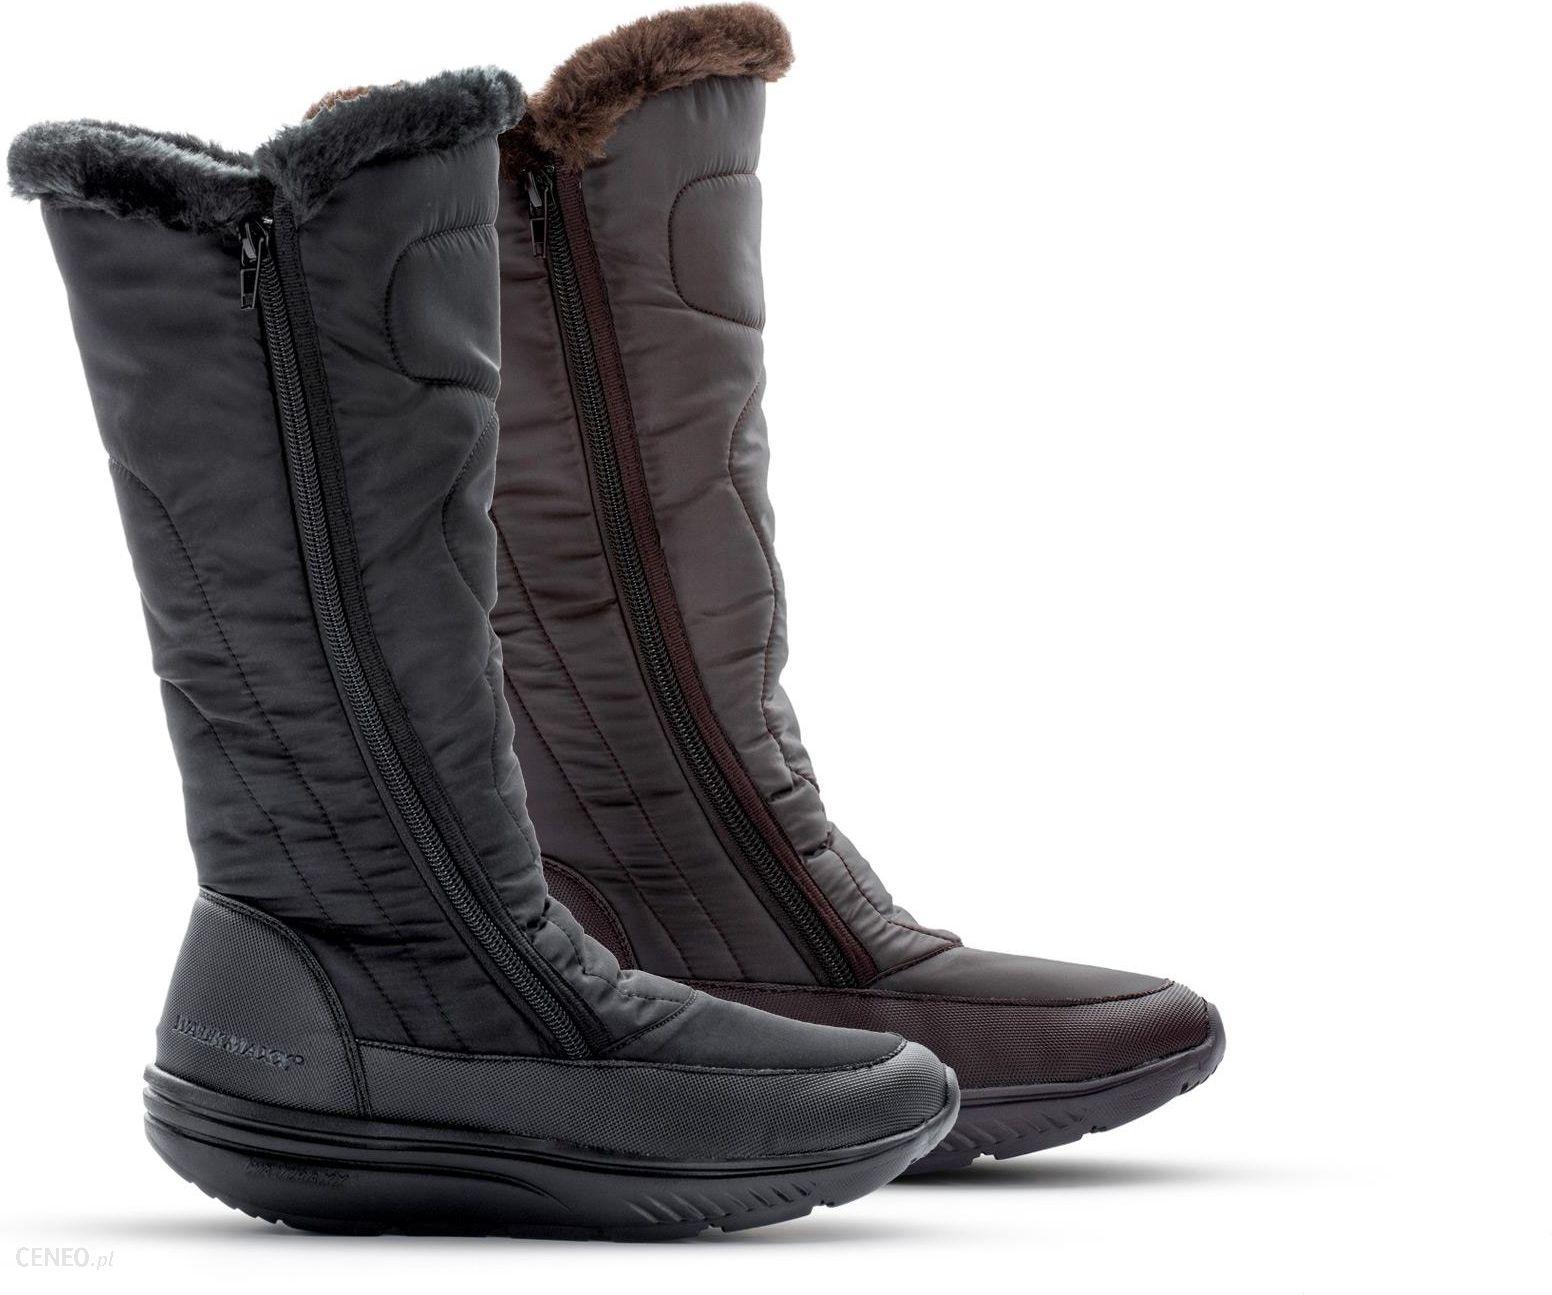 2d7a84a1 Walkmaxx Comfort Wysokie Damskie Buty Zimowe 2.0 Czarny - Ceny i ...